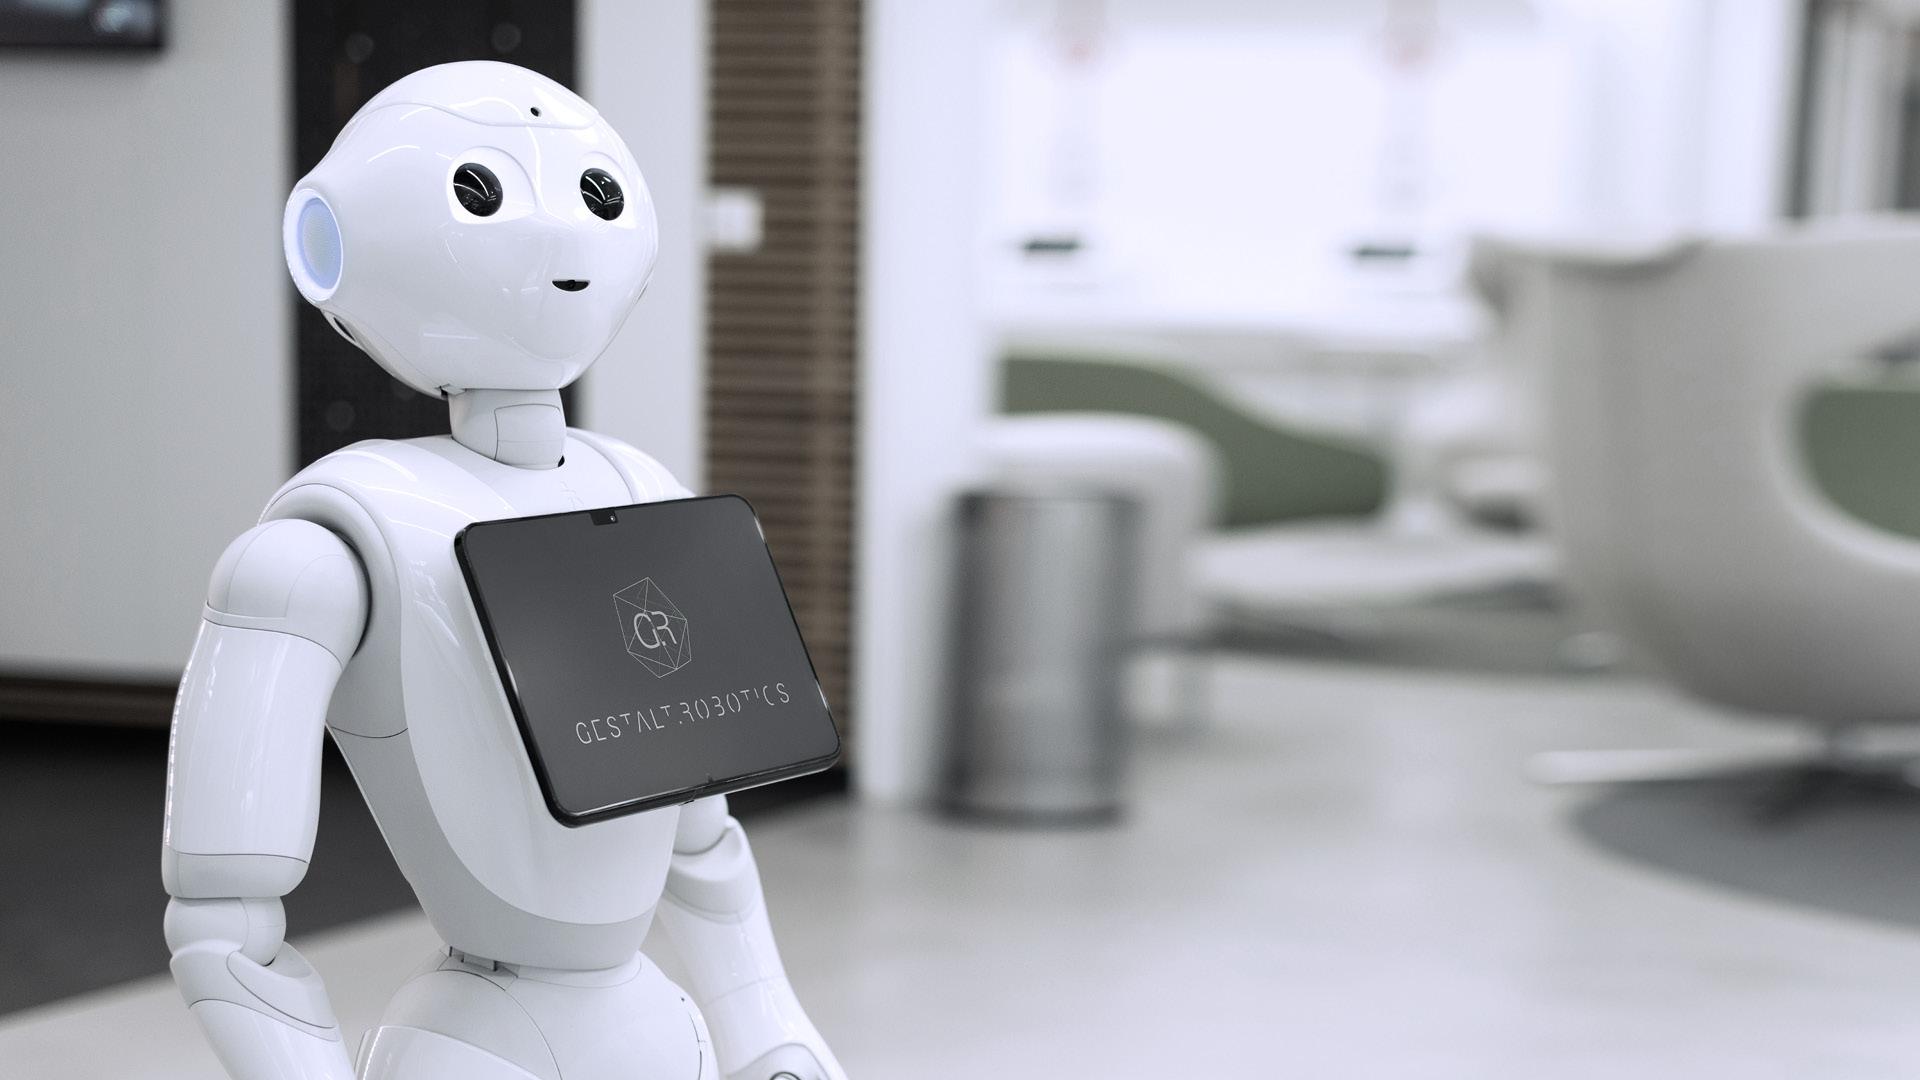 什么是并联机器人?其分类、应用领域都有哪些?